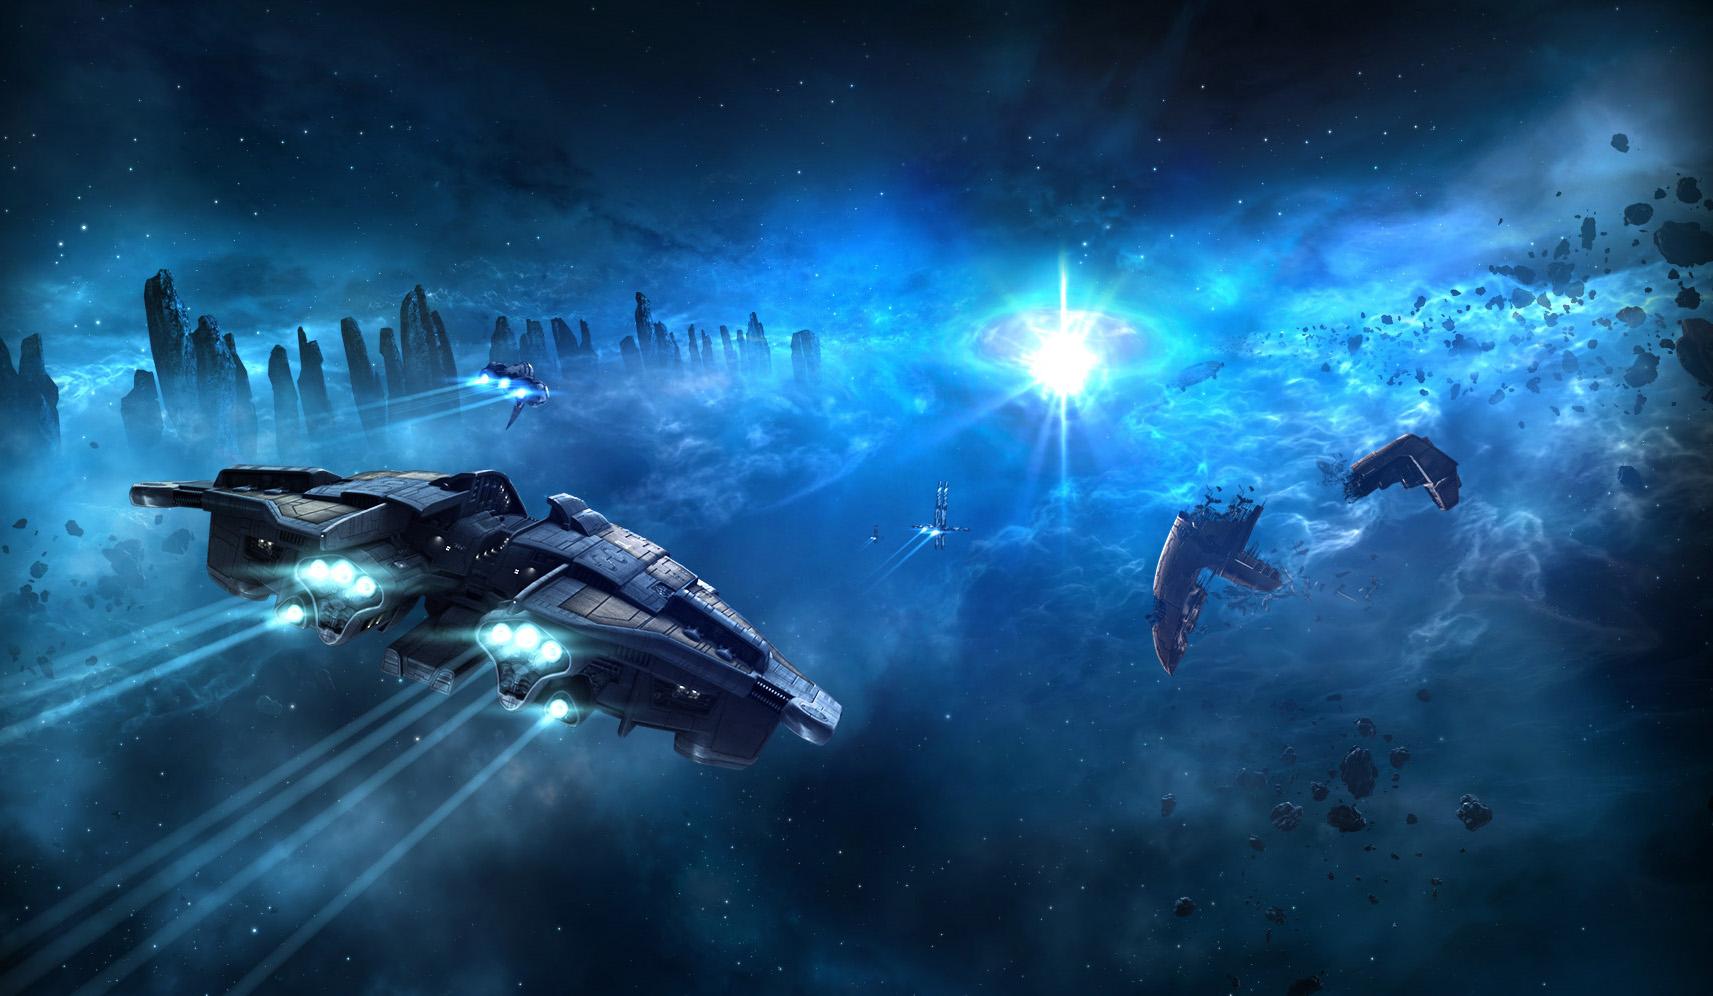 Statek kosmiczny na niebieskim tle